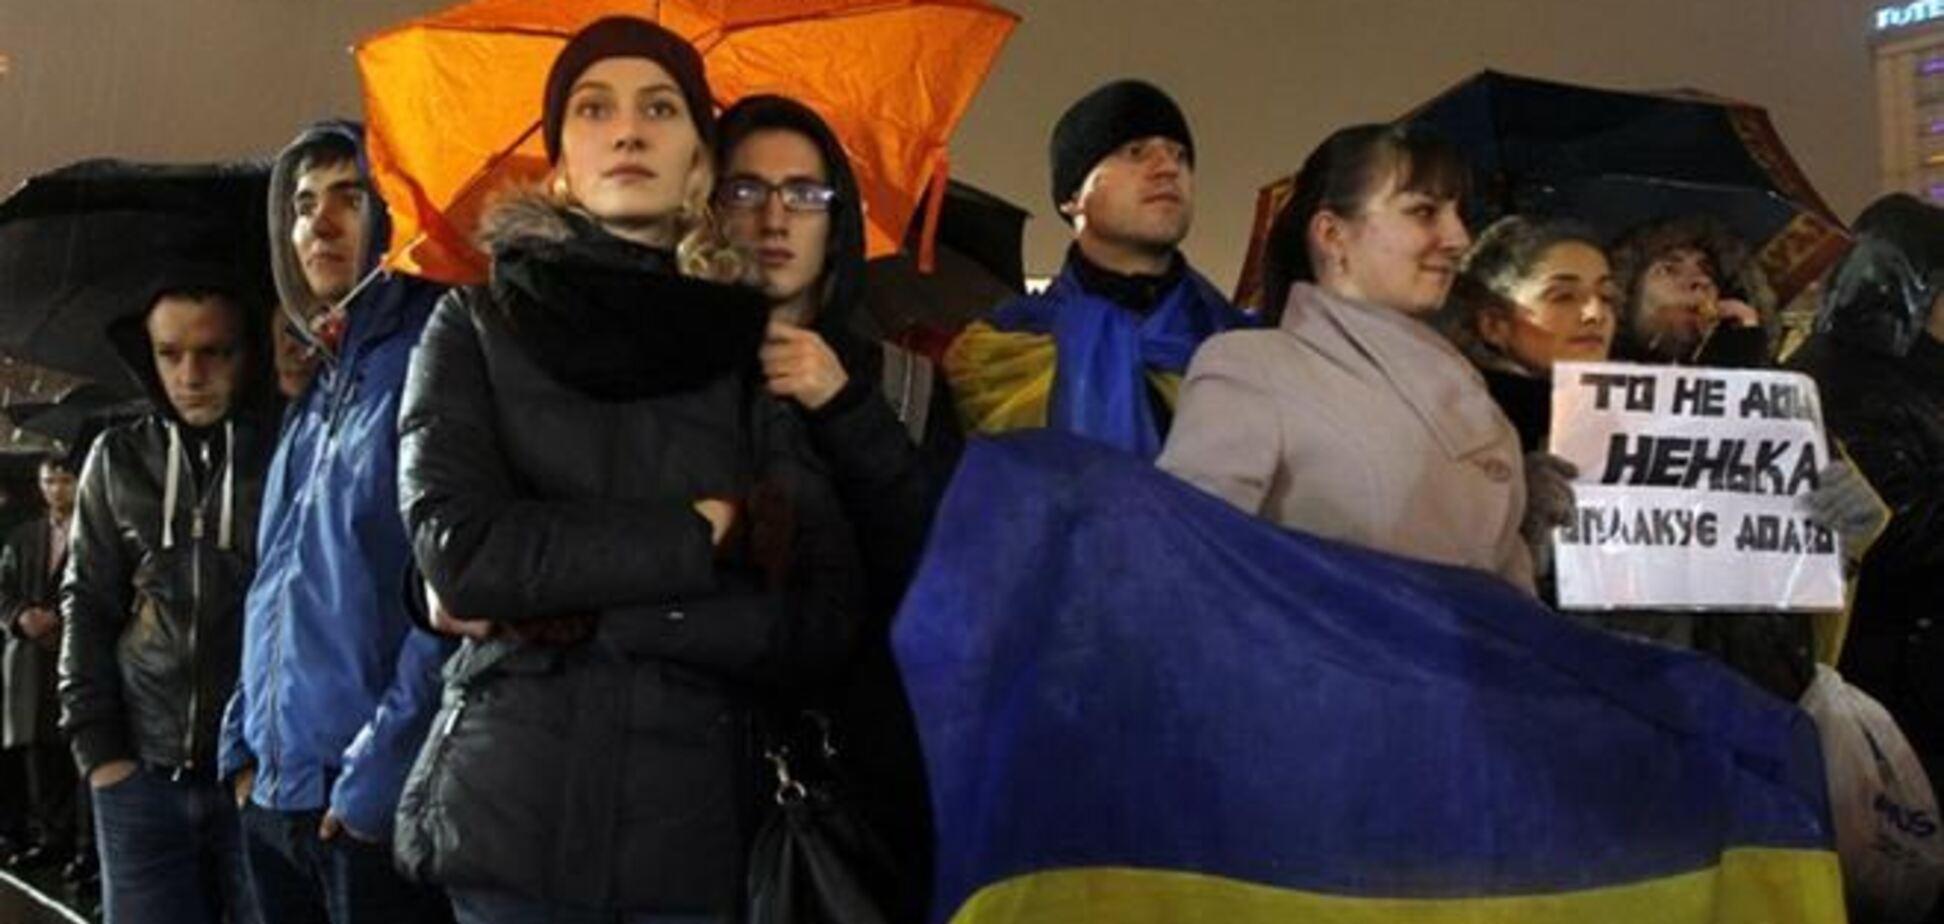 В соцсетях активно собирают массовку на митинги в Киеве